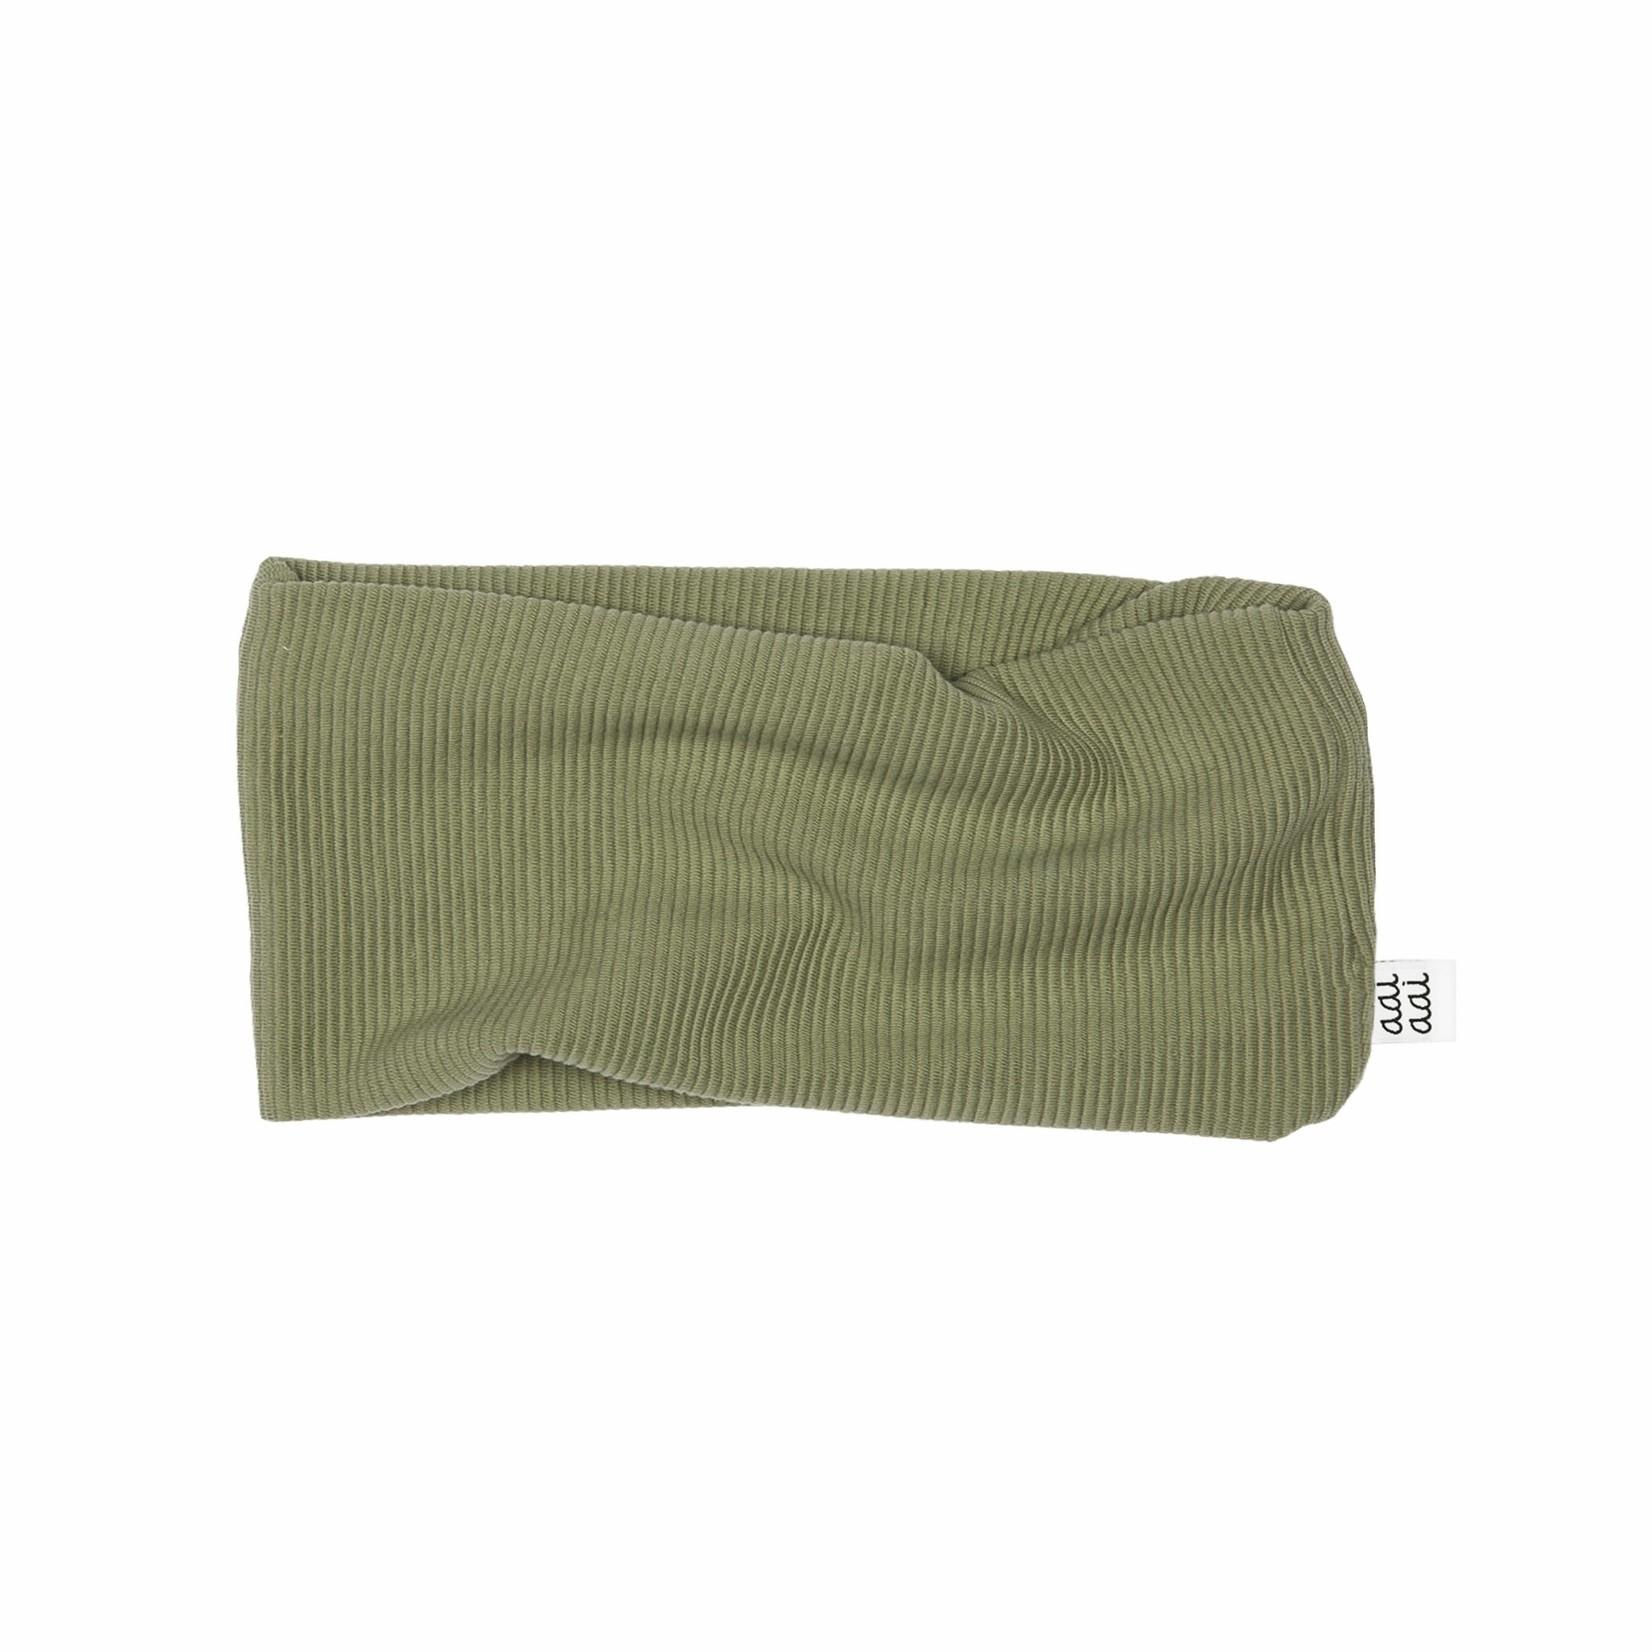 AAI AAI Infinity sjaal RIB (Olive)